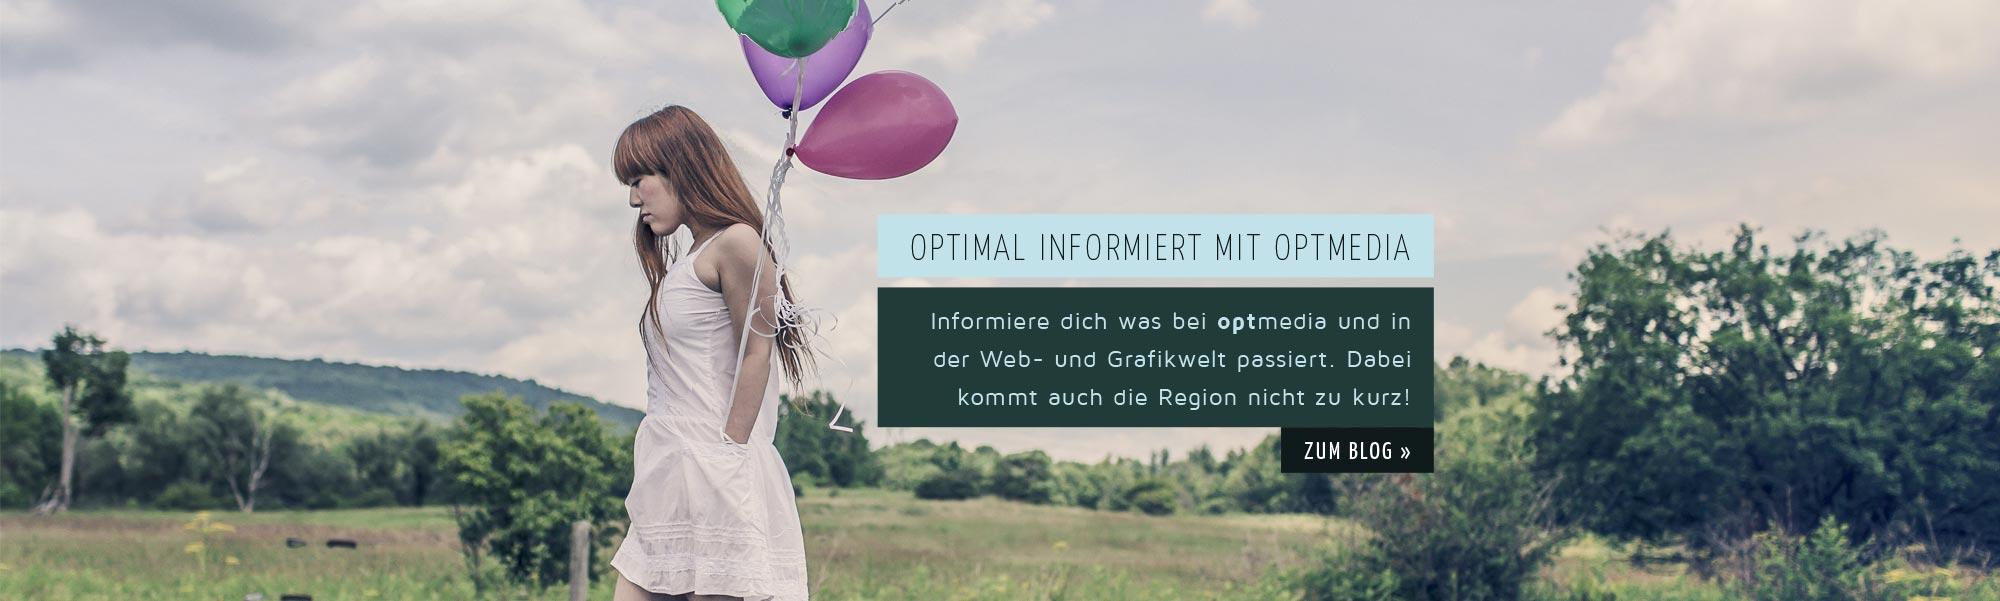 Zum Blog von optmedia.de